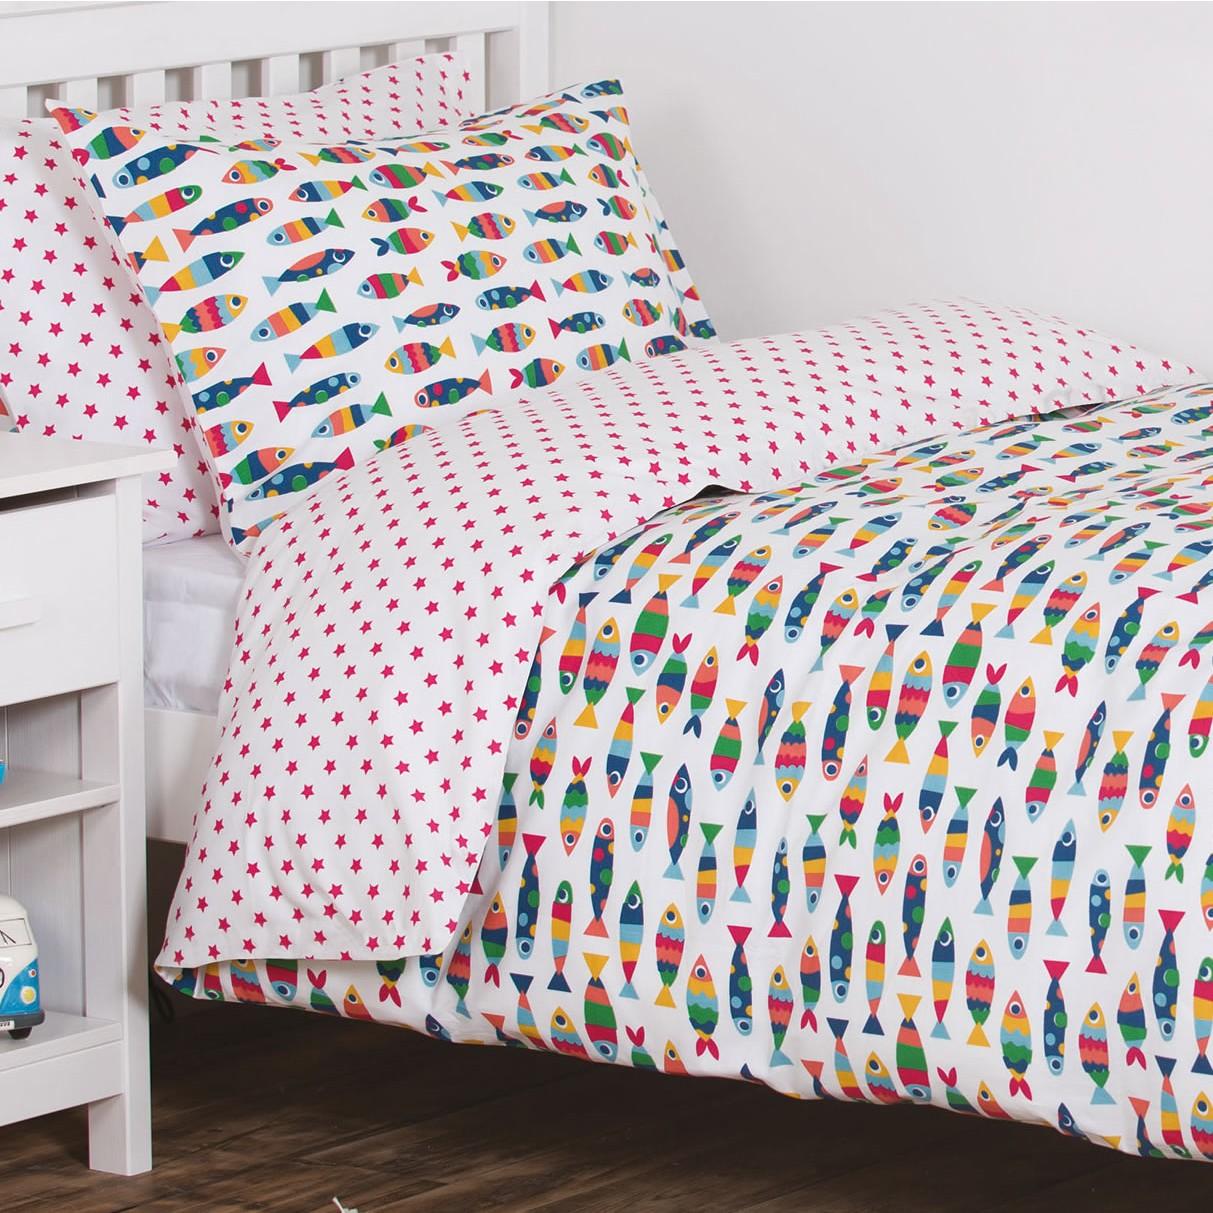 rainbow cot bedding photo - 1